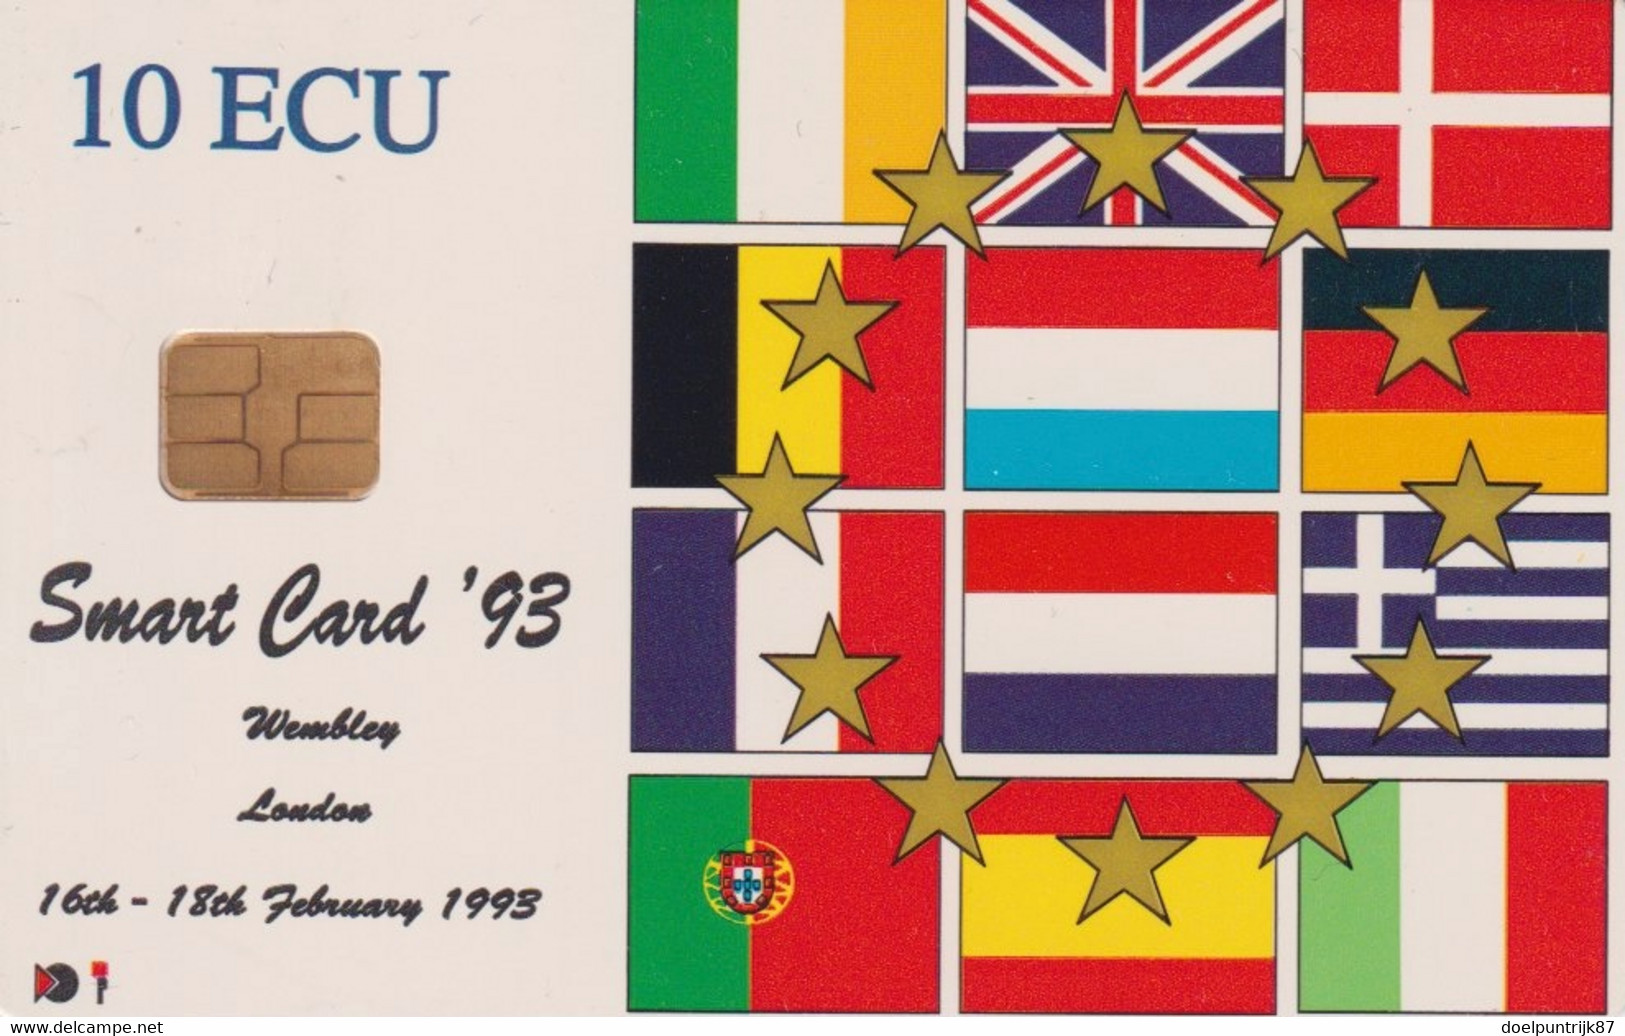 Smart Card '93 BT Rare - Other